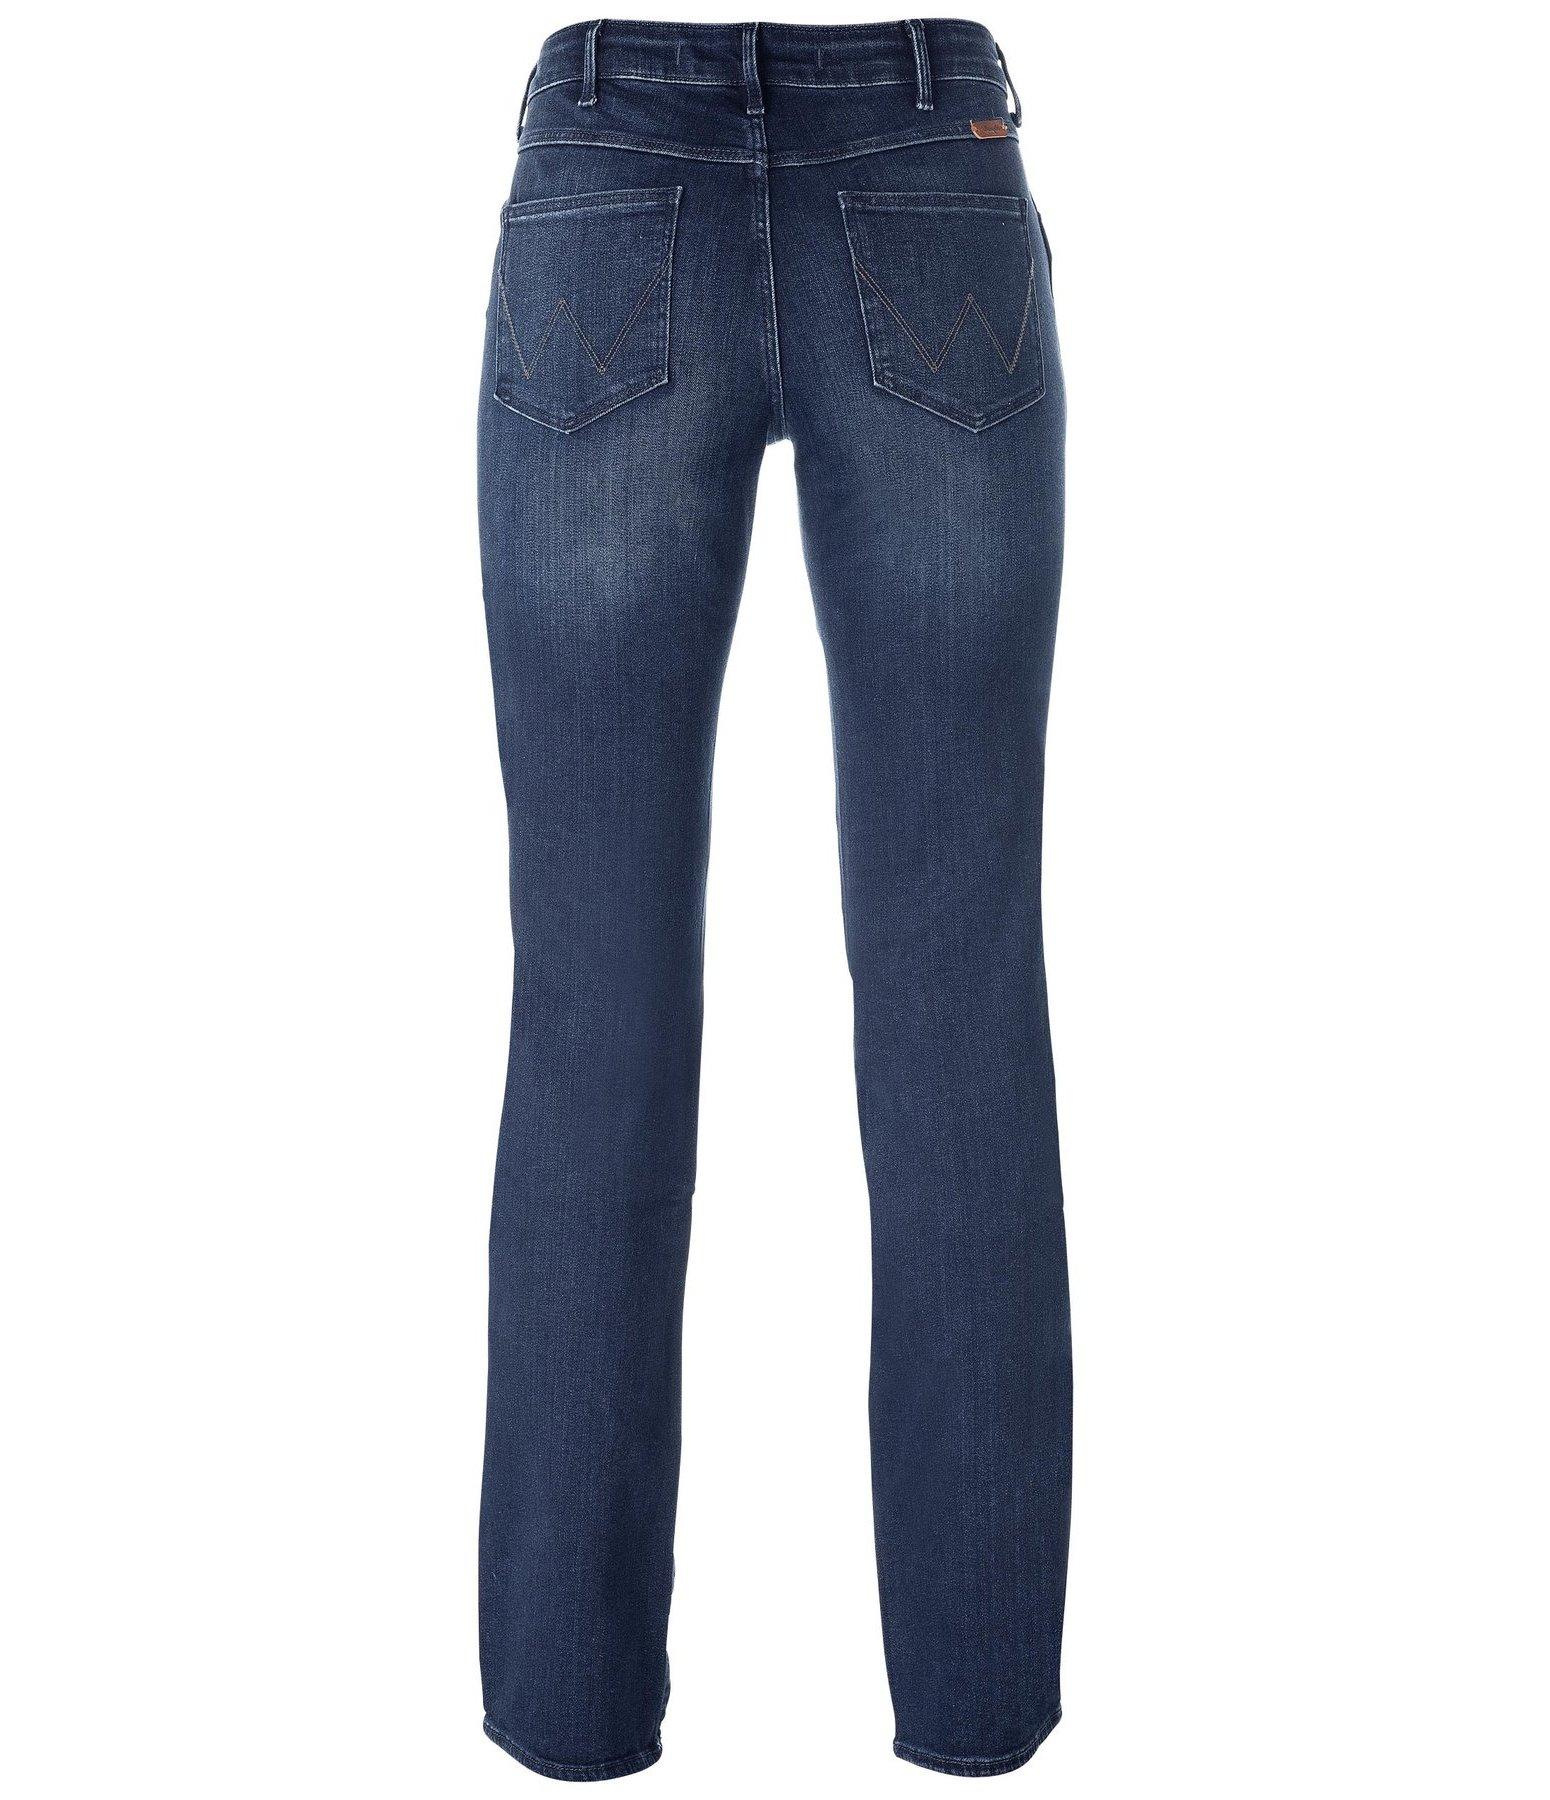 jeans wrangler sara narrow star blue jeans pour femme kramer equitation. Black Bedroom Furniture Sets. Home Design Ideas